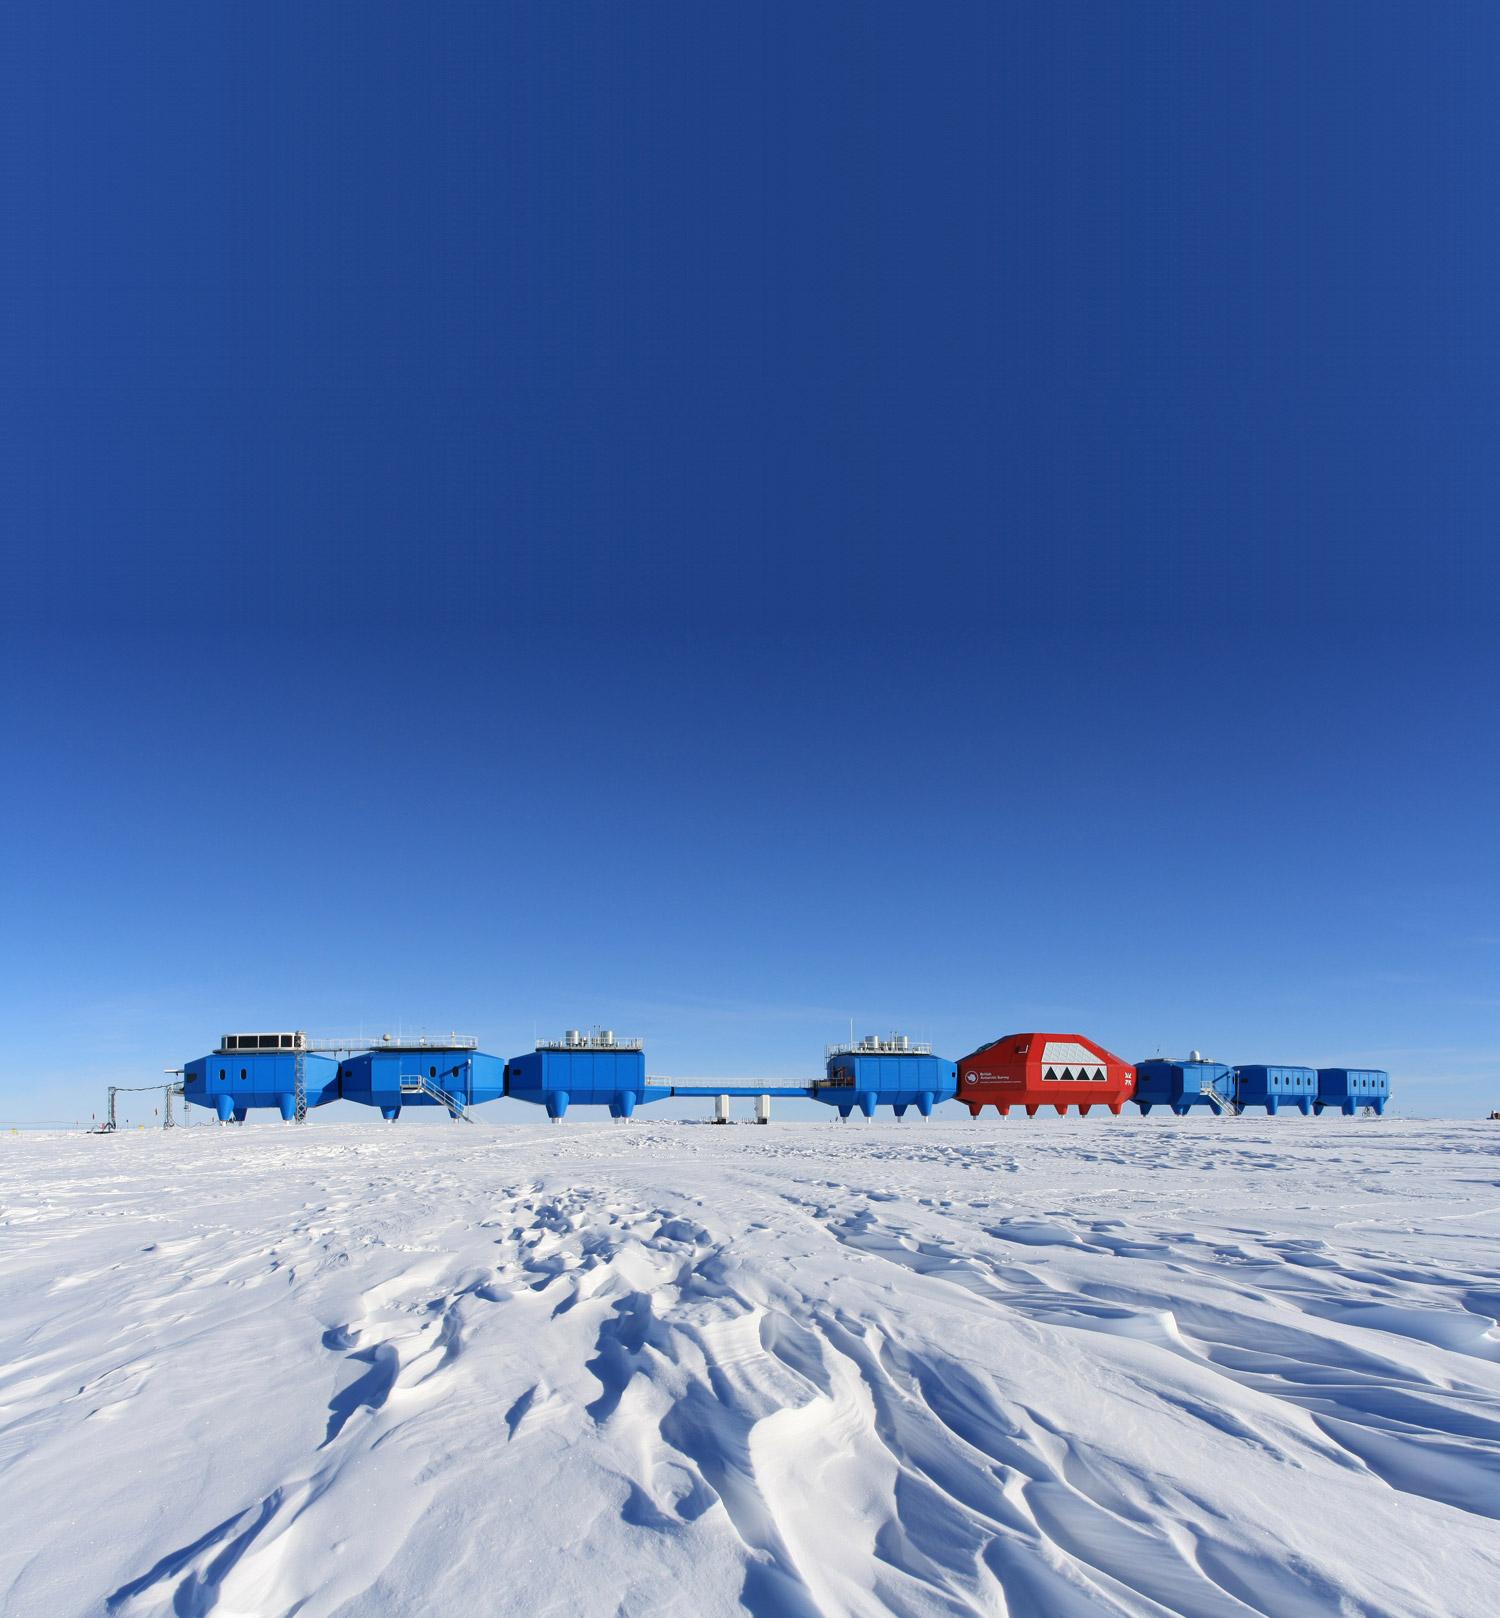 © 2012 British Antarctic Survey